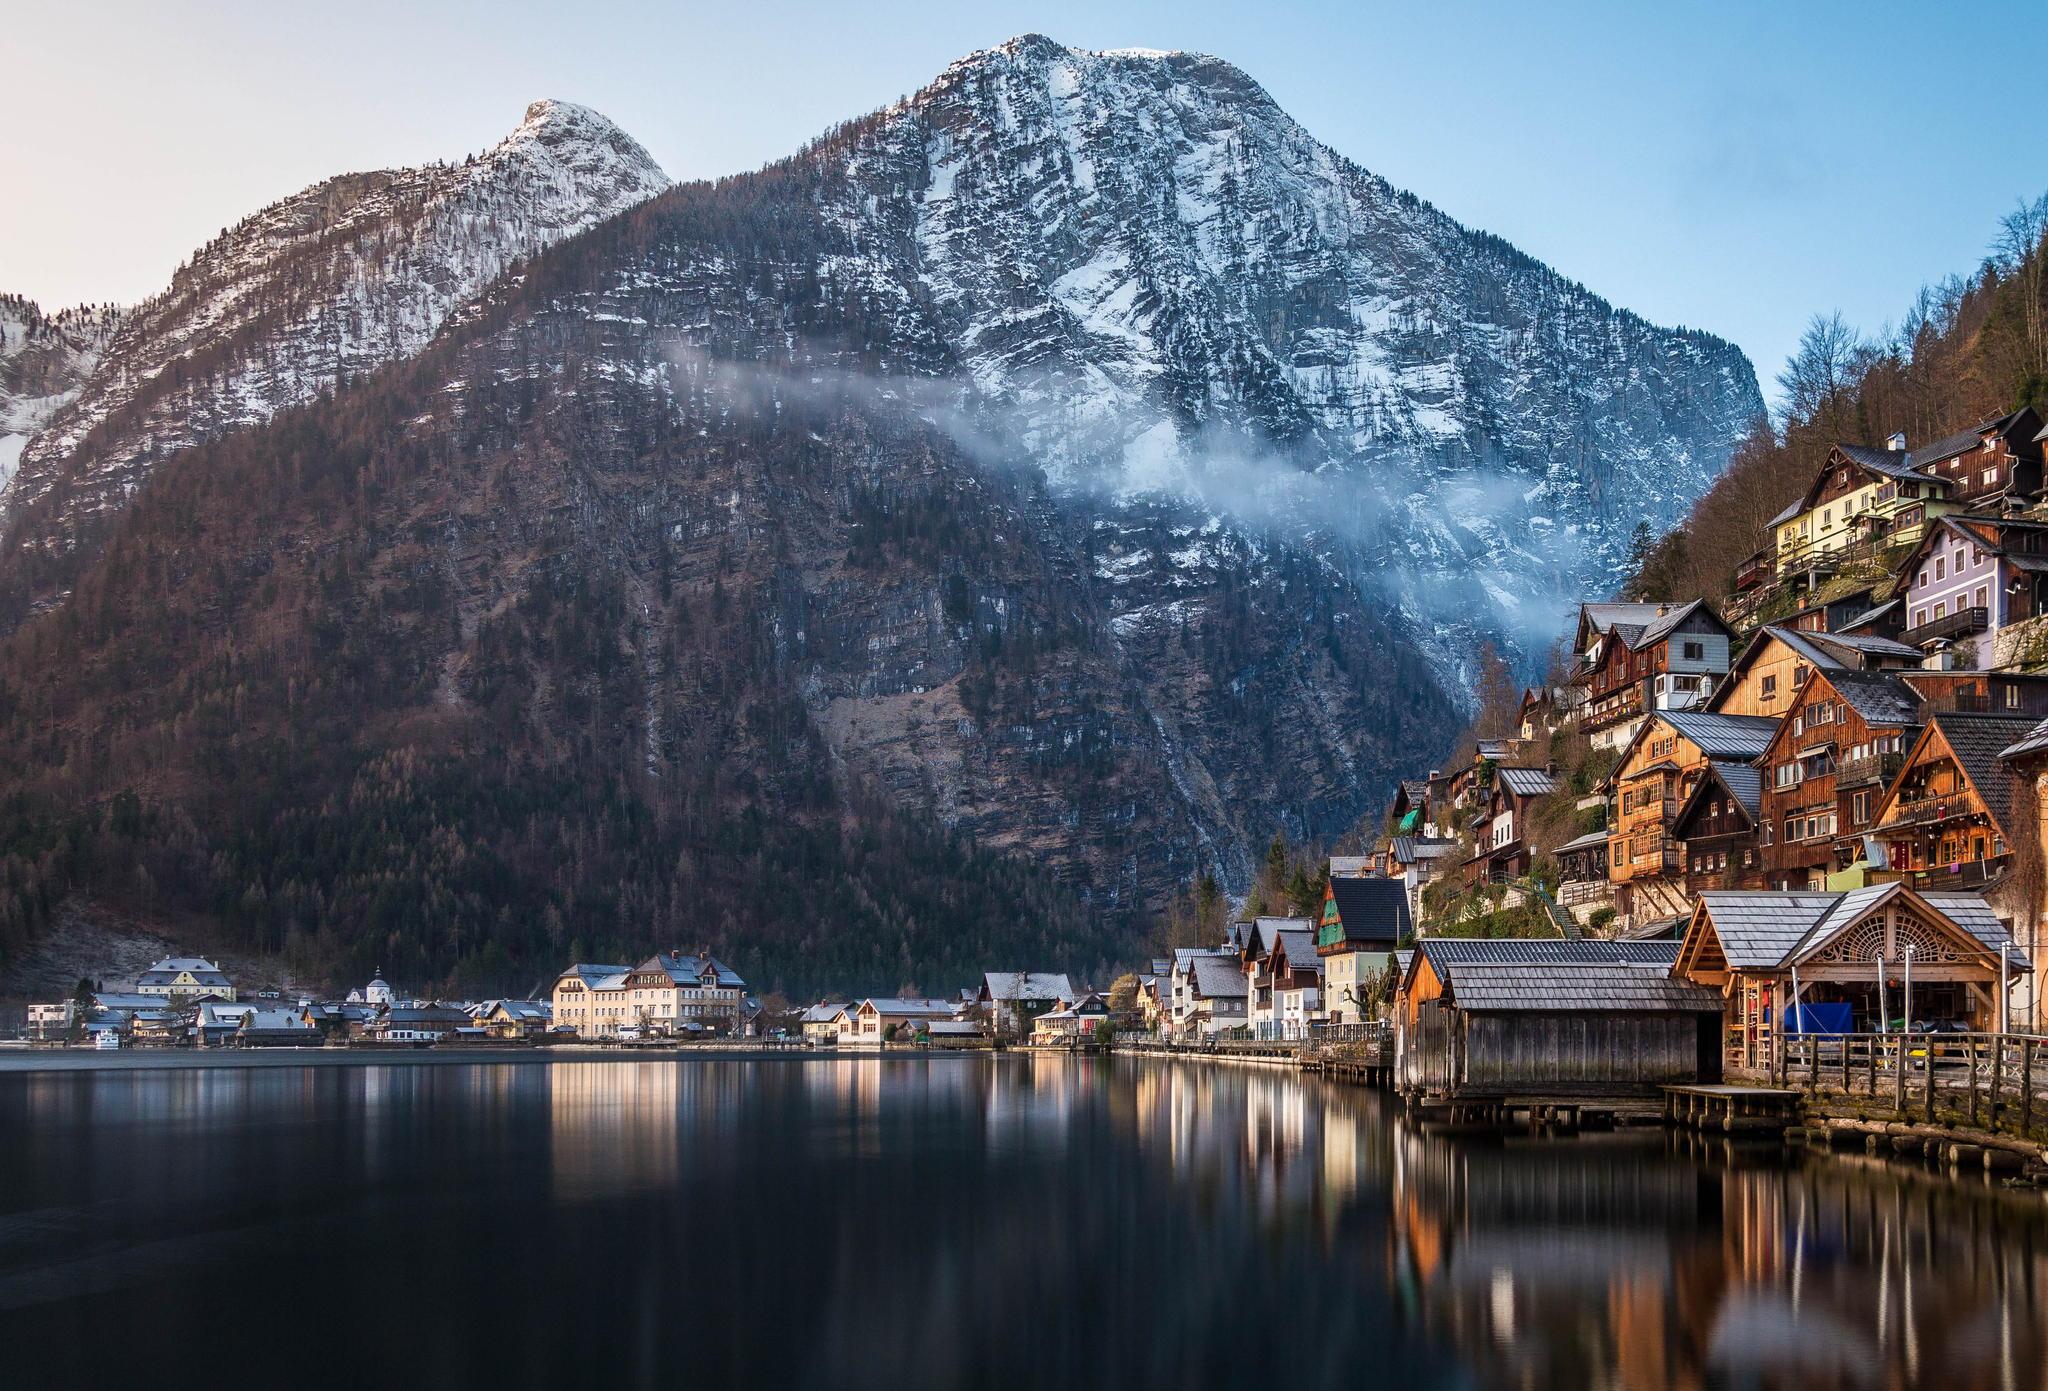 австрия горы обои на рабочий стол № 546416 без смс